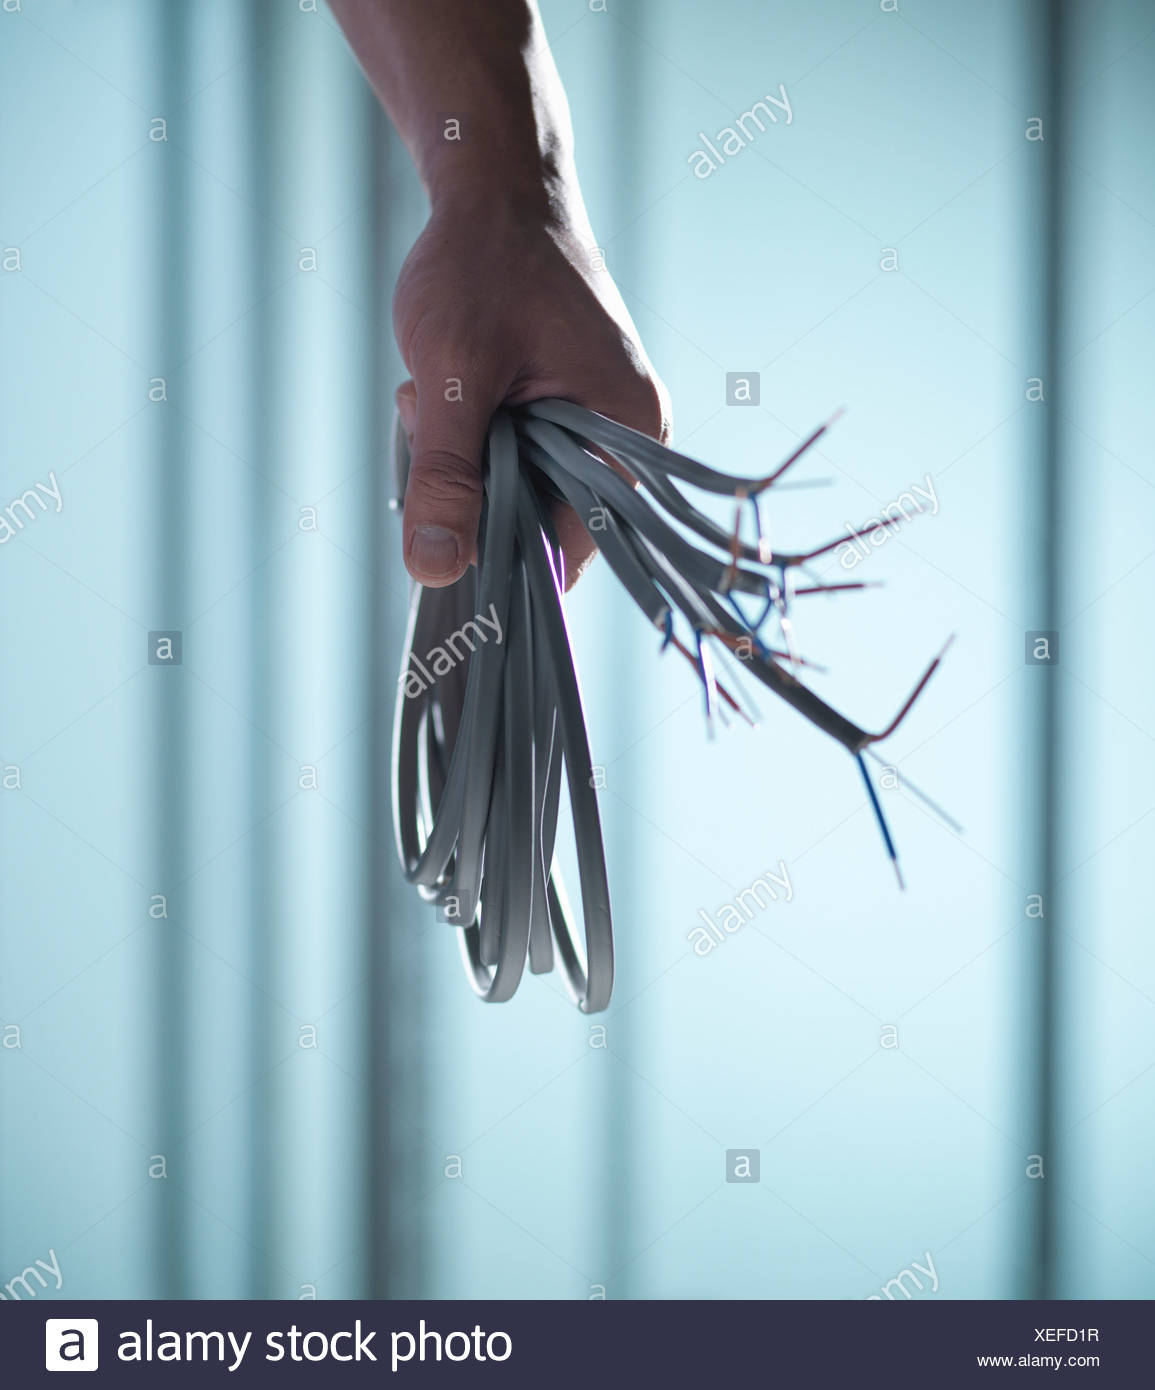 Cerca de la mano que sujeta las cuerdas Imagen De Stock